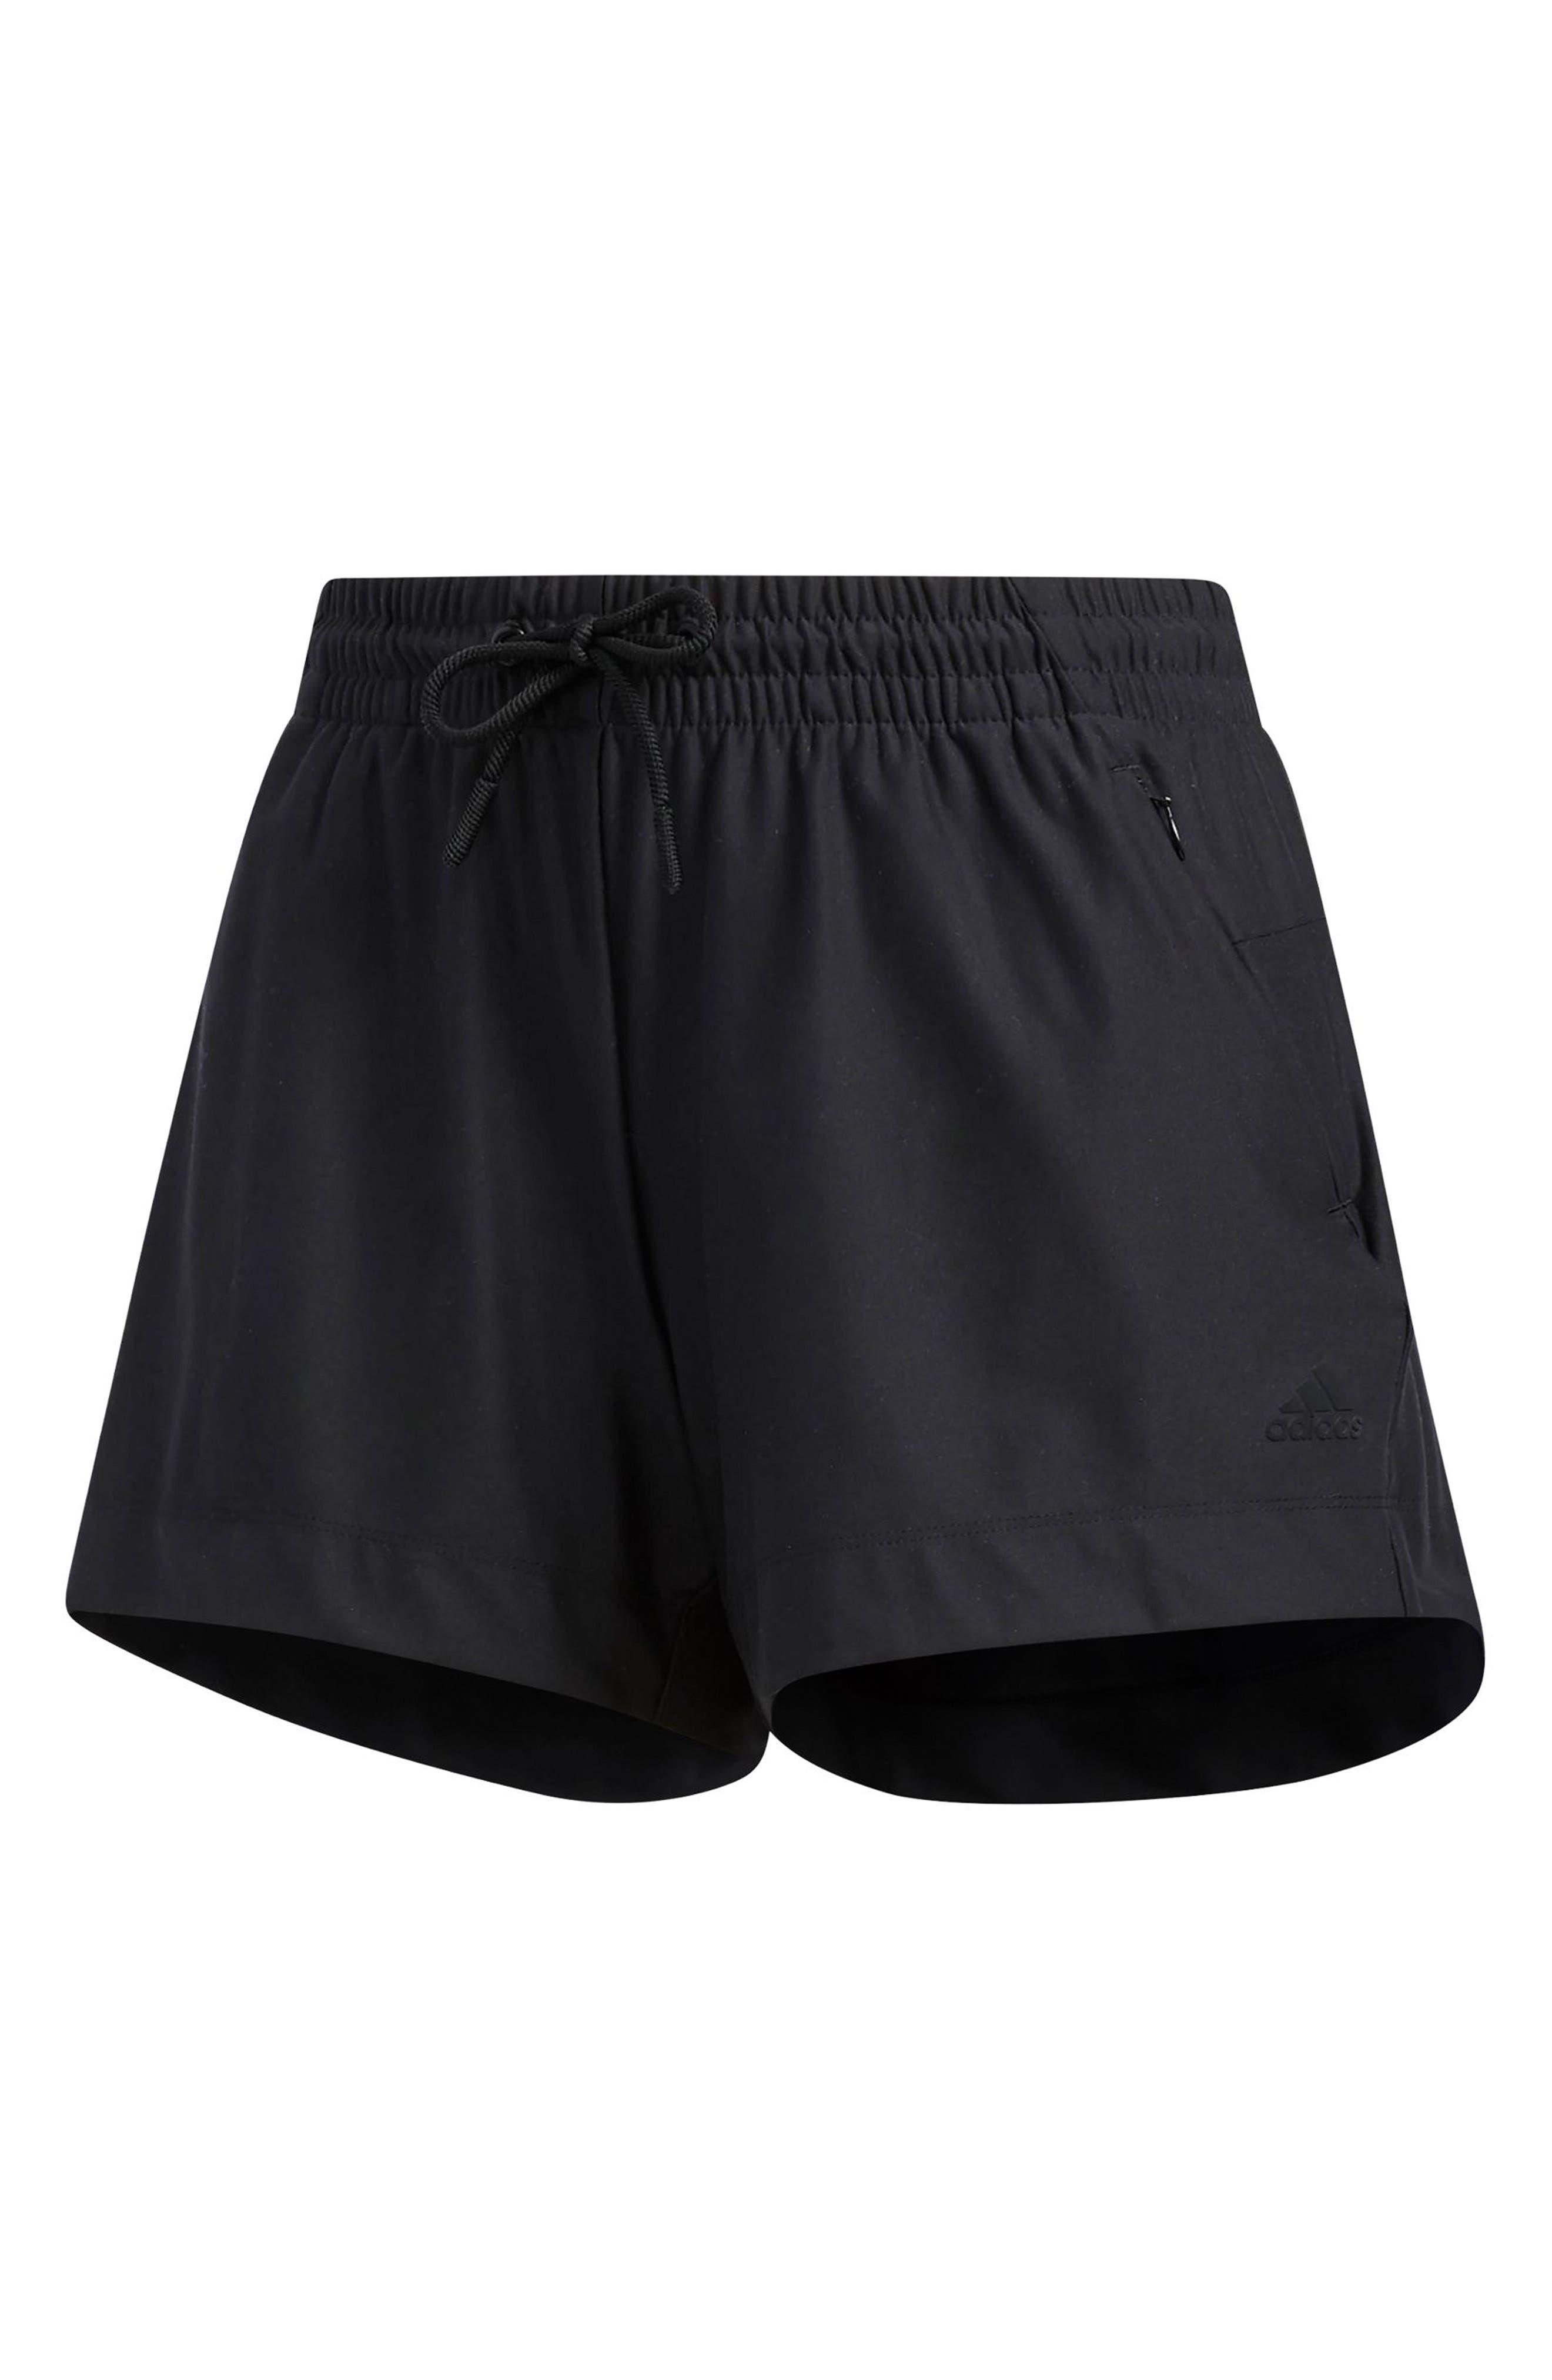 ID Mesh Shorts,                             Alternate thumbnail 6, color,                             Black